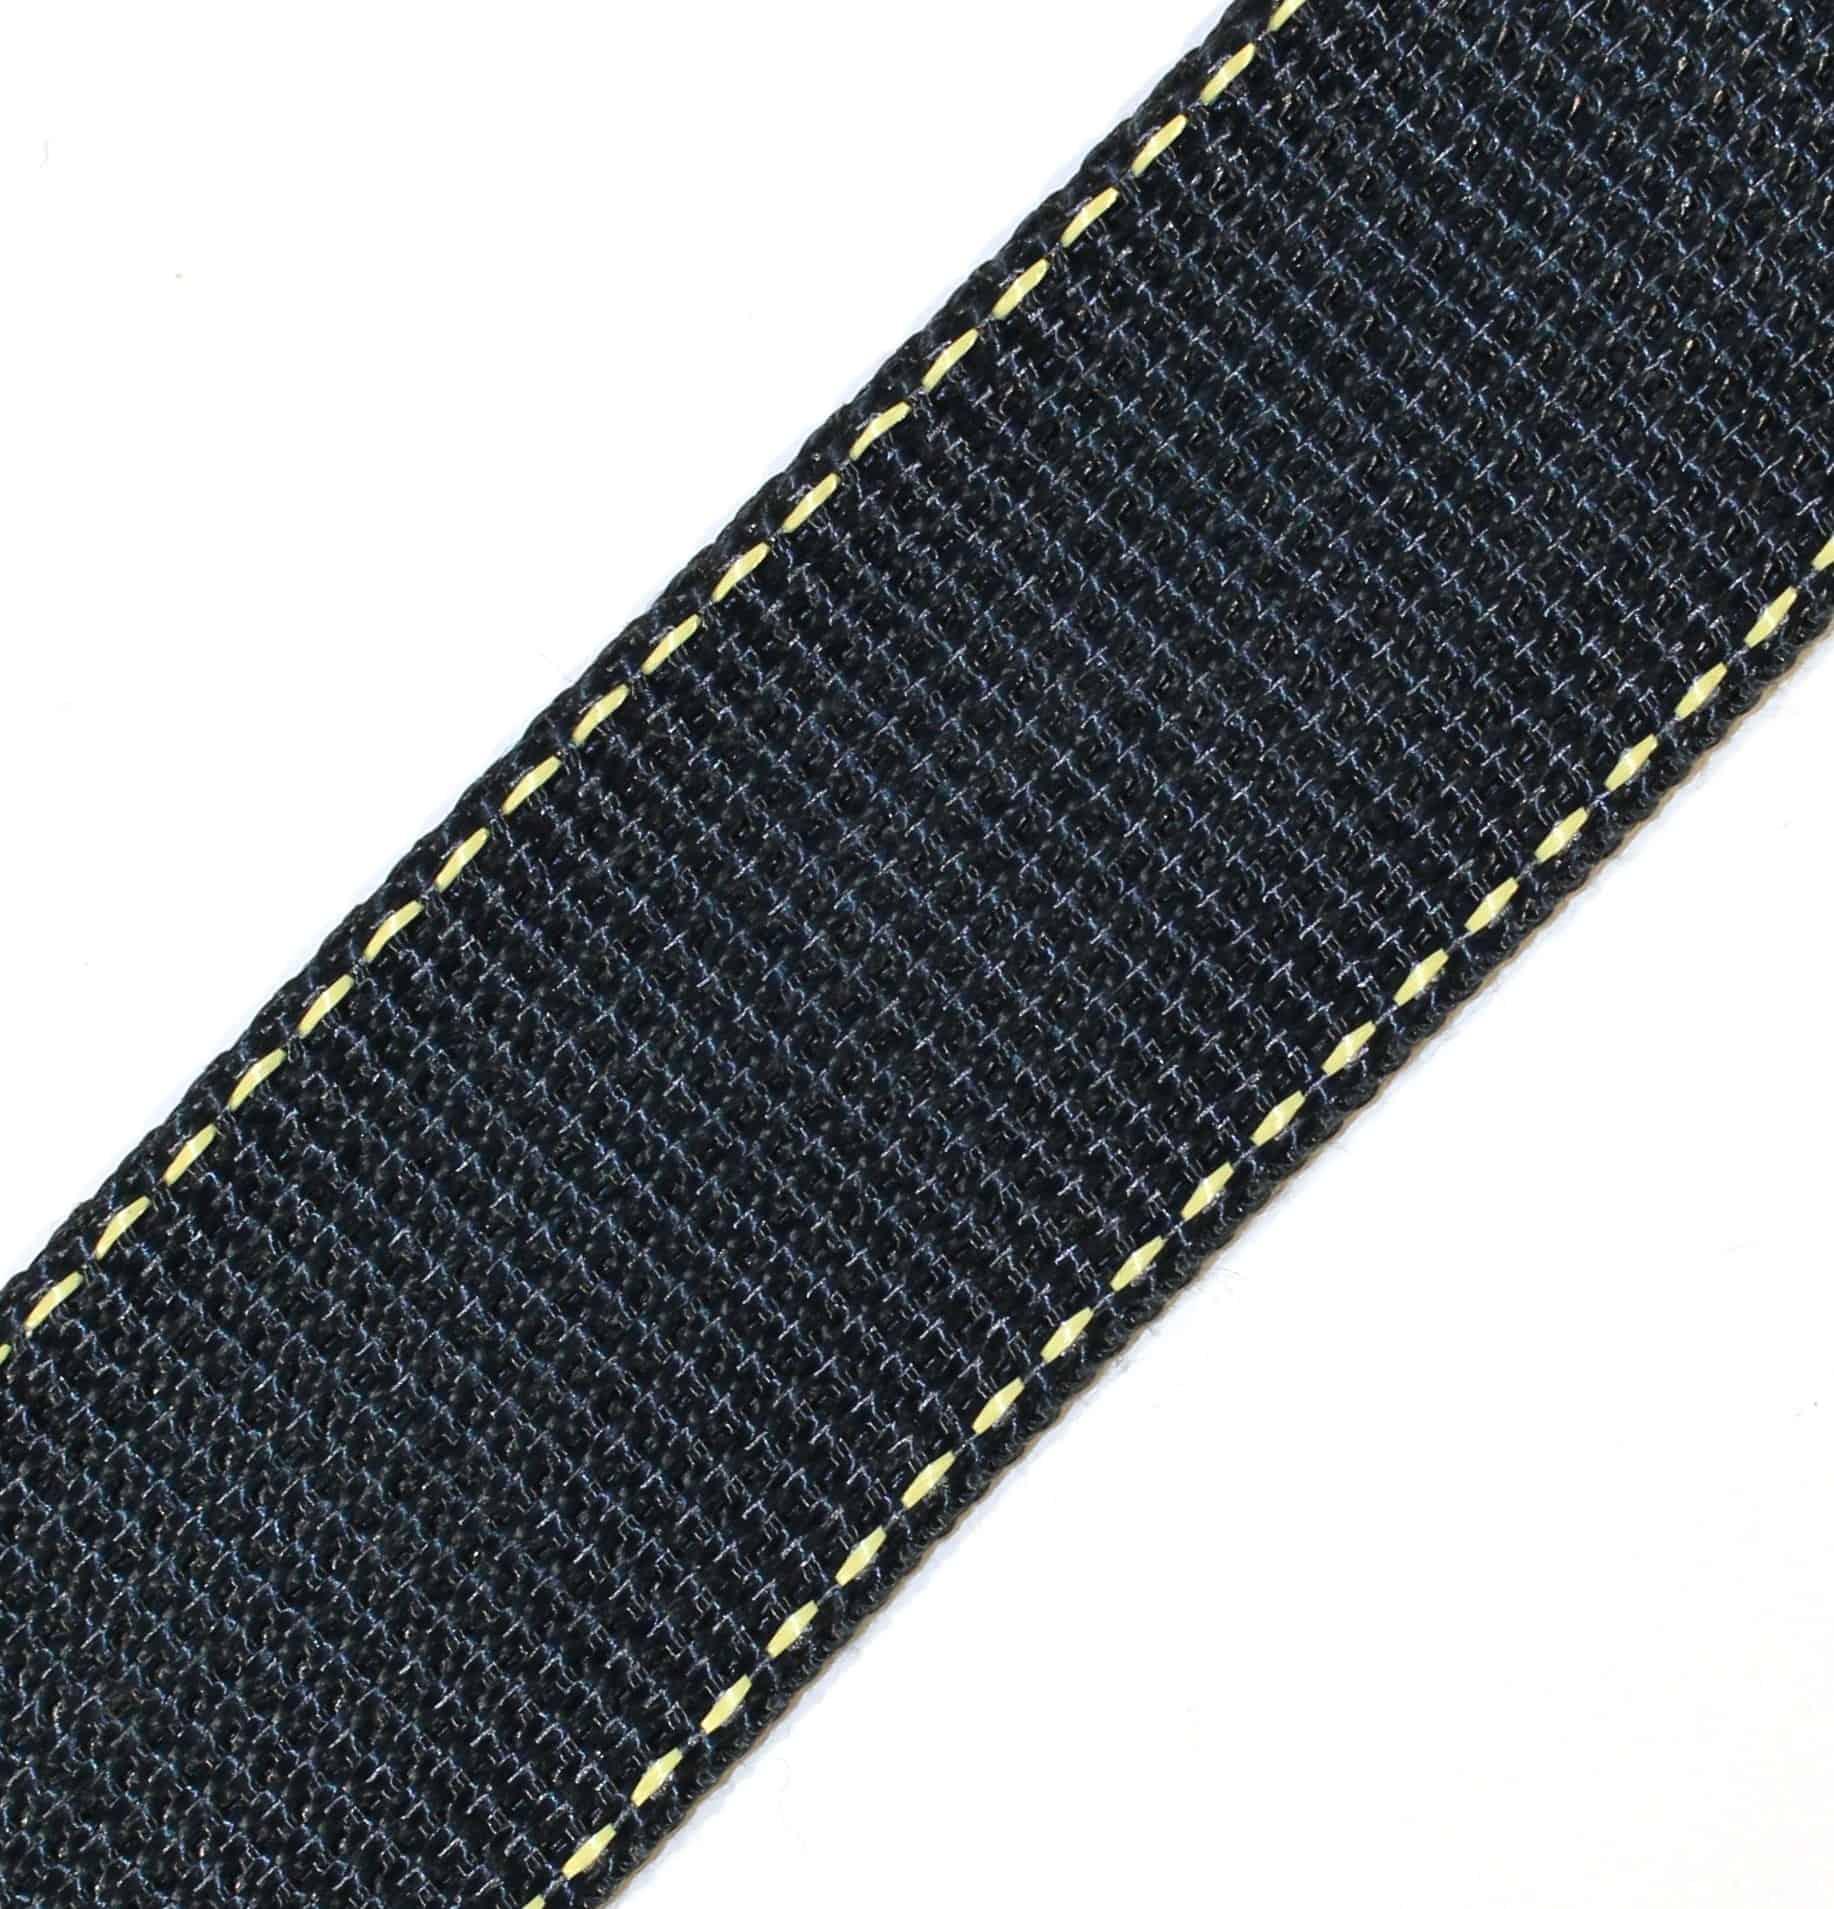 1-3/4″ Black Kevlar® Webbing with Natural Stripes